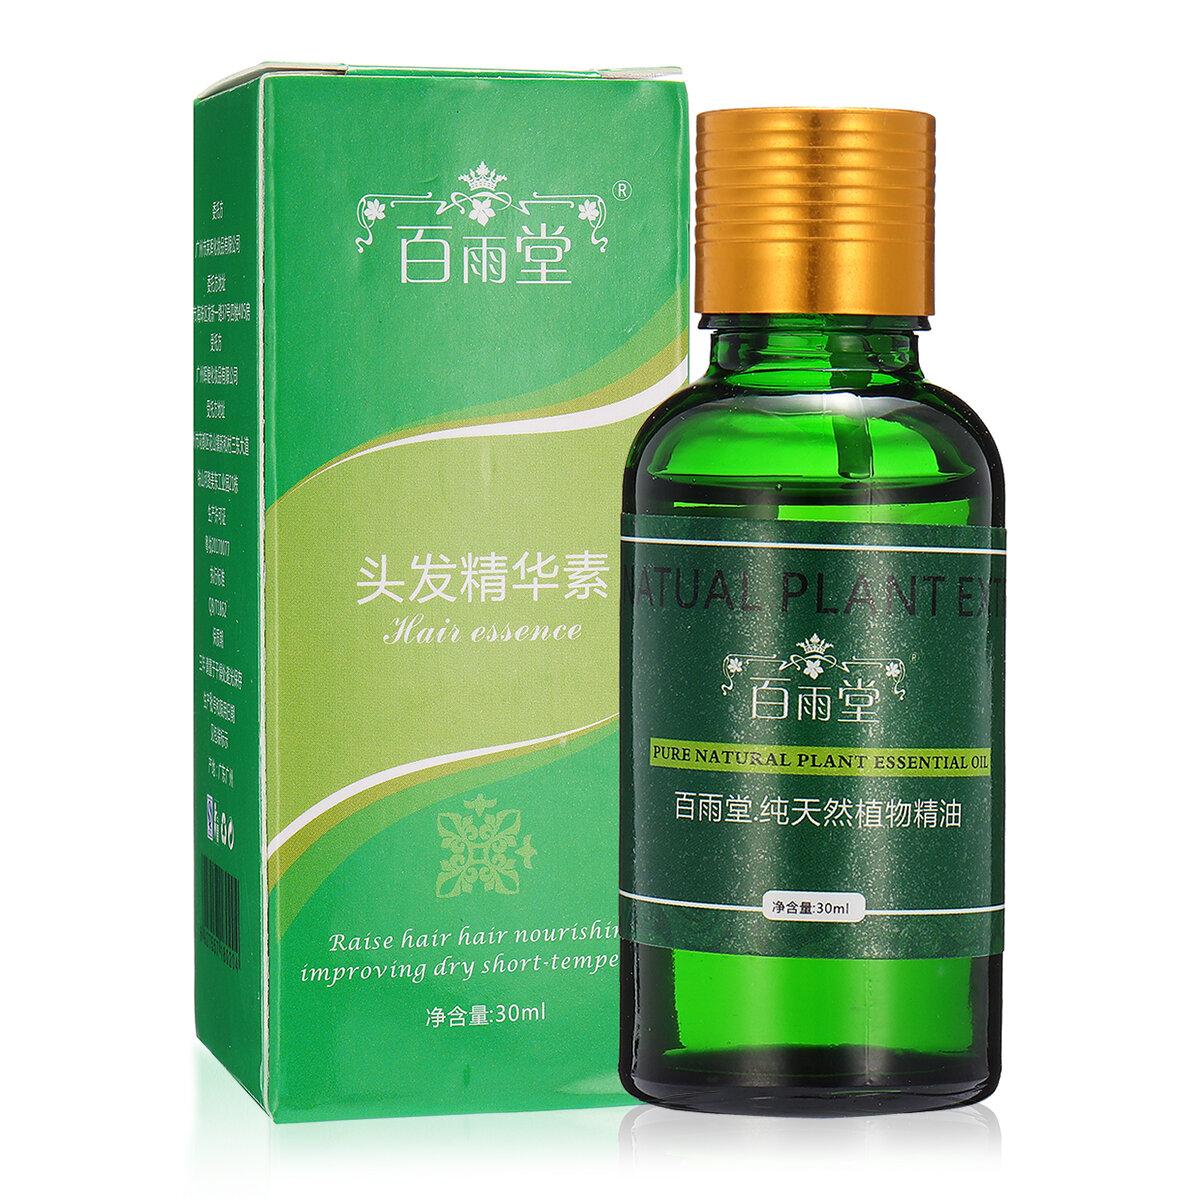 Chiết xuất thực vật tự nhiên Tinh chất chăm sóc tóc Tinh dầu lỏng Nhân sâm Gừng thảo dược nguyên chất 30ml